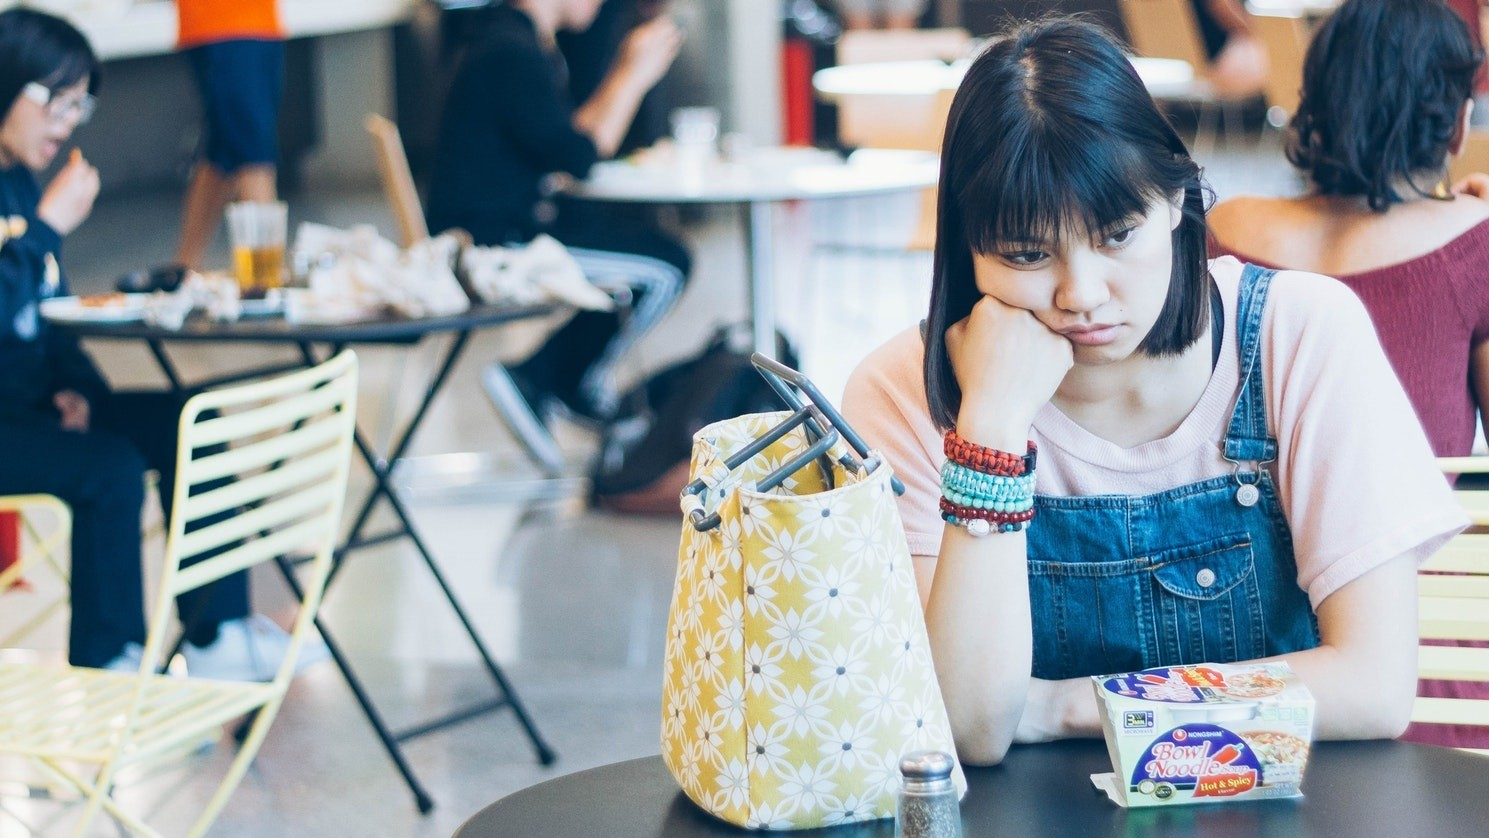 Что делать, если сорвалась с диеты? Советы диетолога, которые помогут продолжать худеть